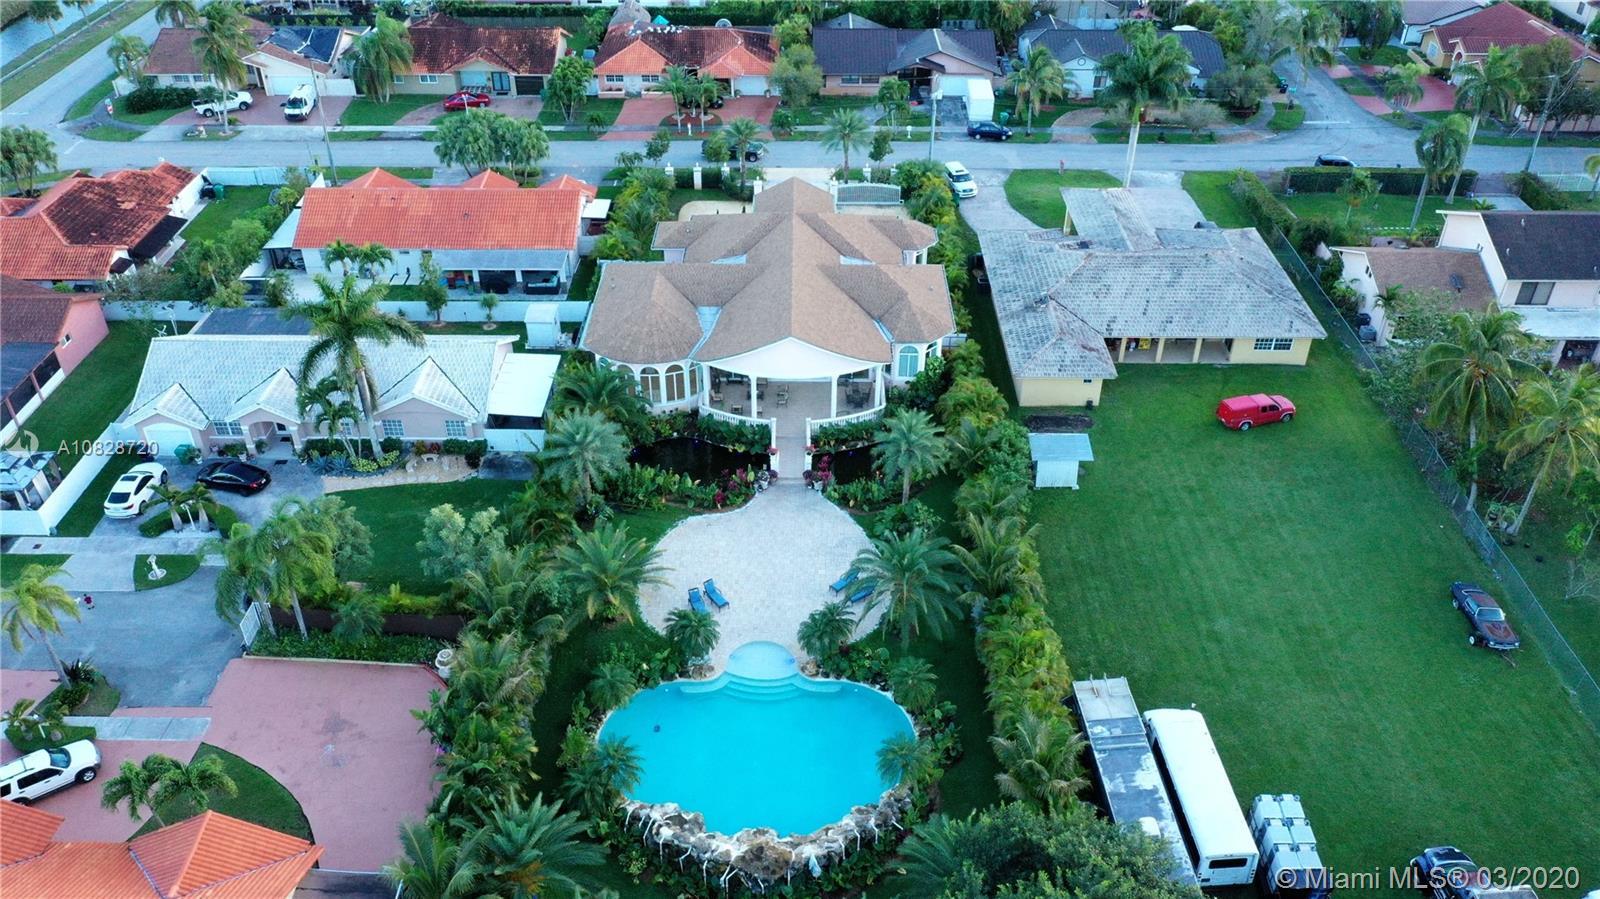 13255 SW 36th St, Miami, FL 33175